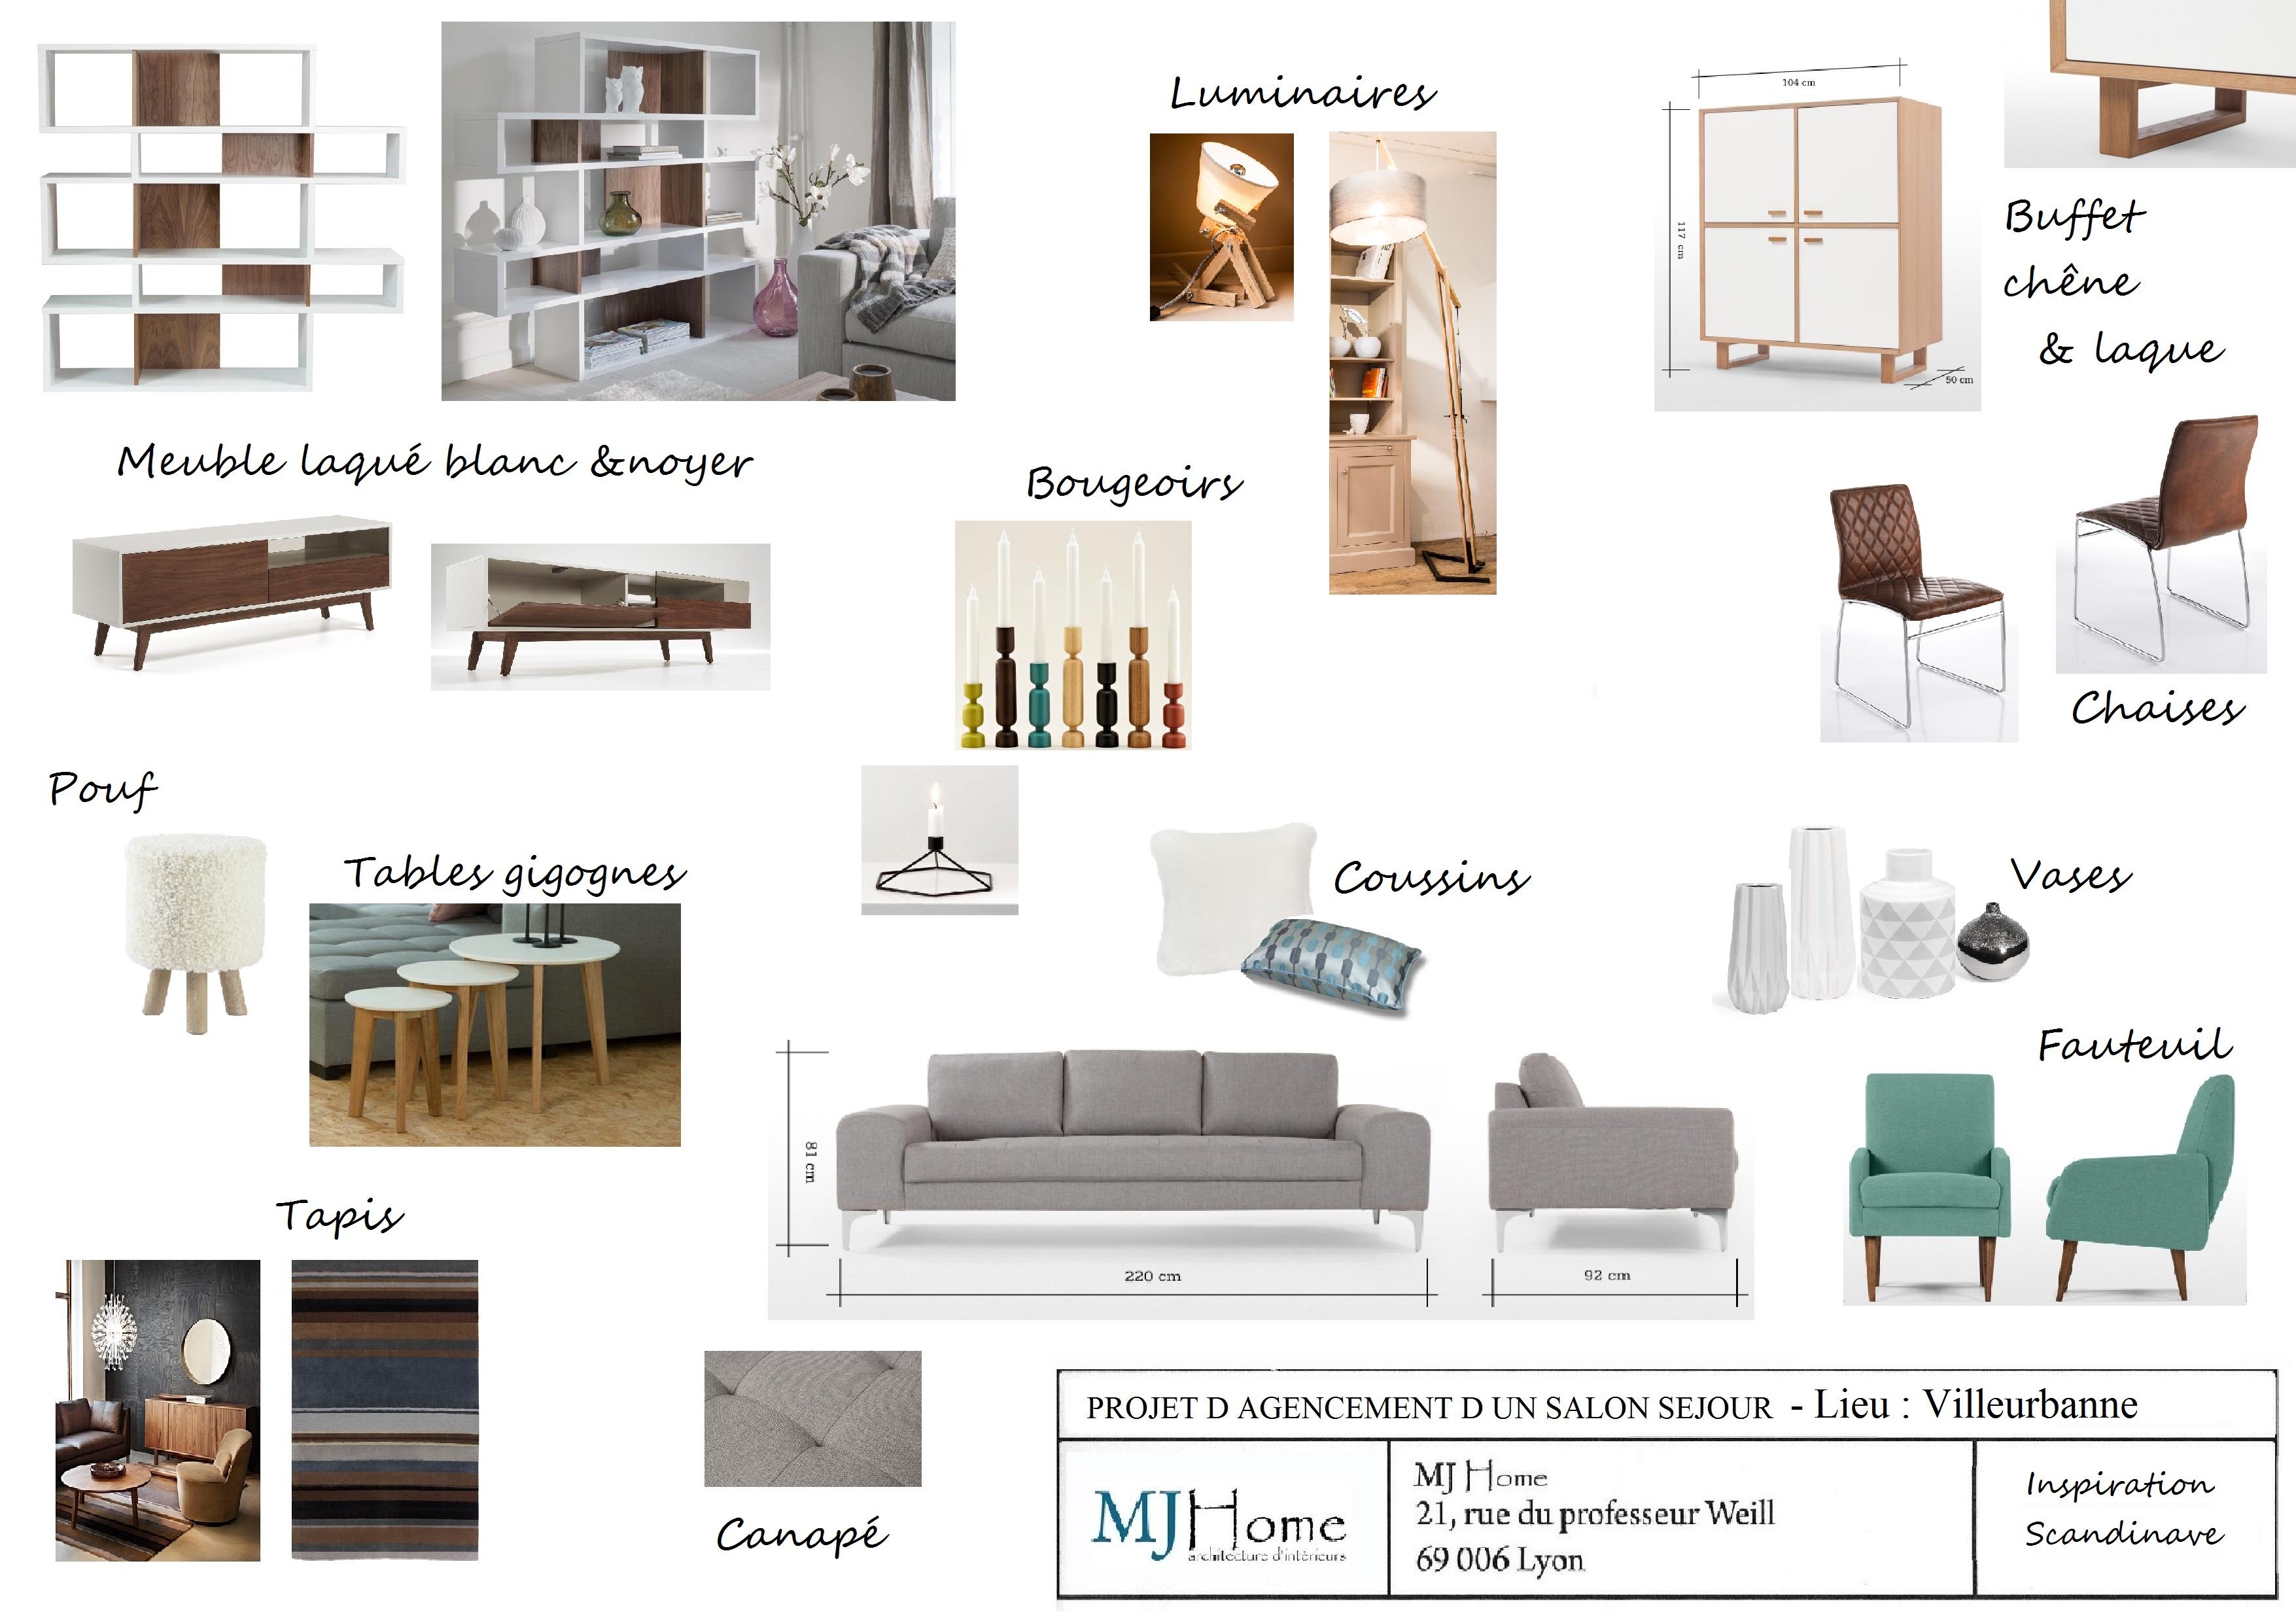 decoration d un salon sejour dans un esprit scandinave. Black Bedroom Furniture Sets. Home Design Ideas